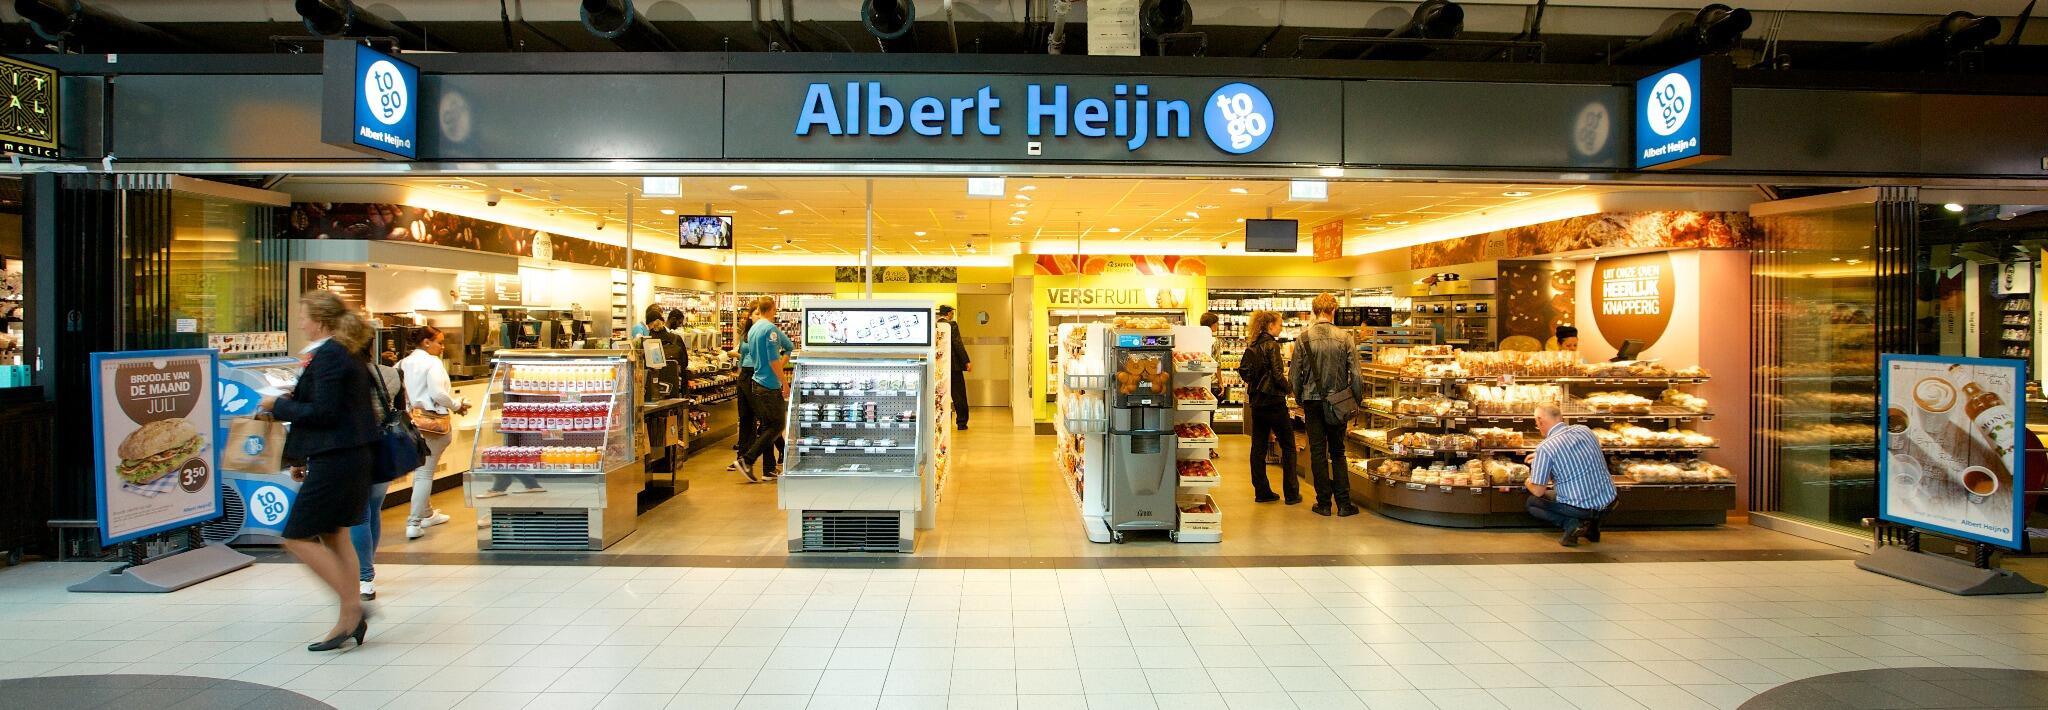 """Albert Heijn Pers on Twitter: """"AH to go Schiphol is ..."""